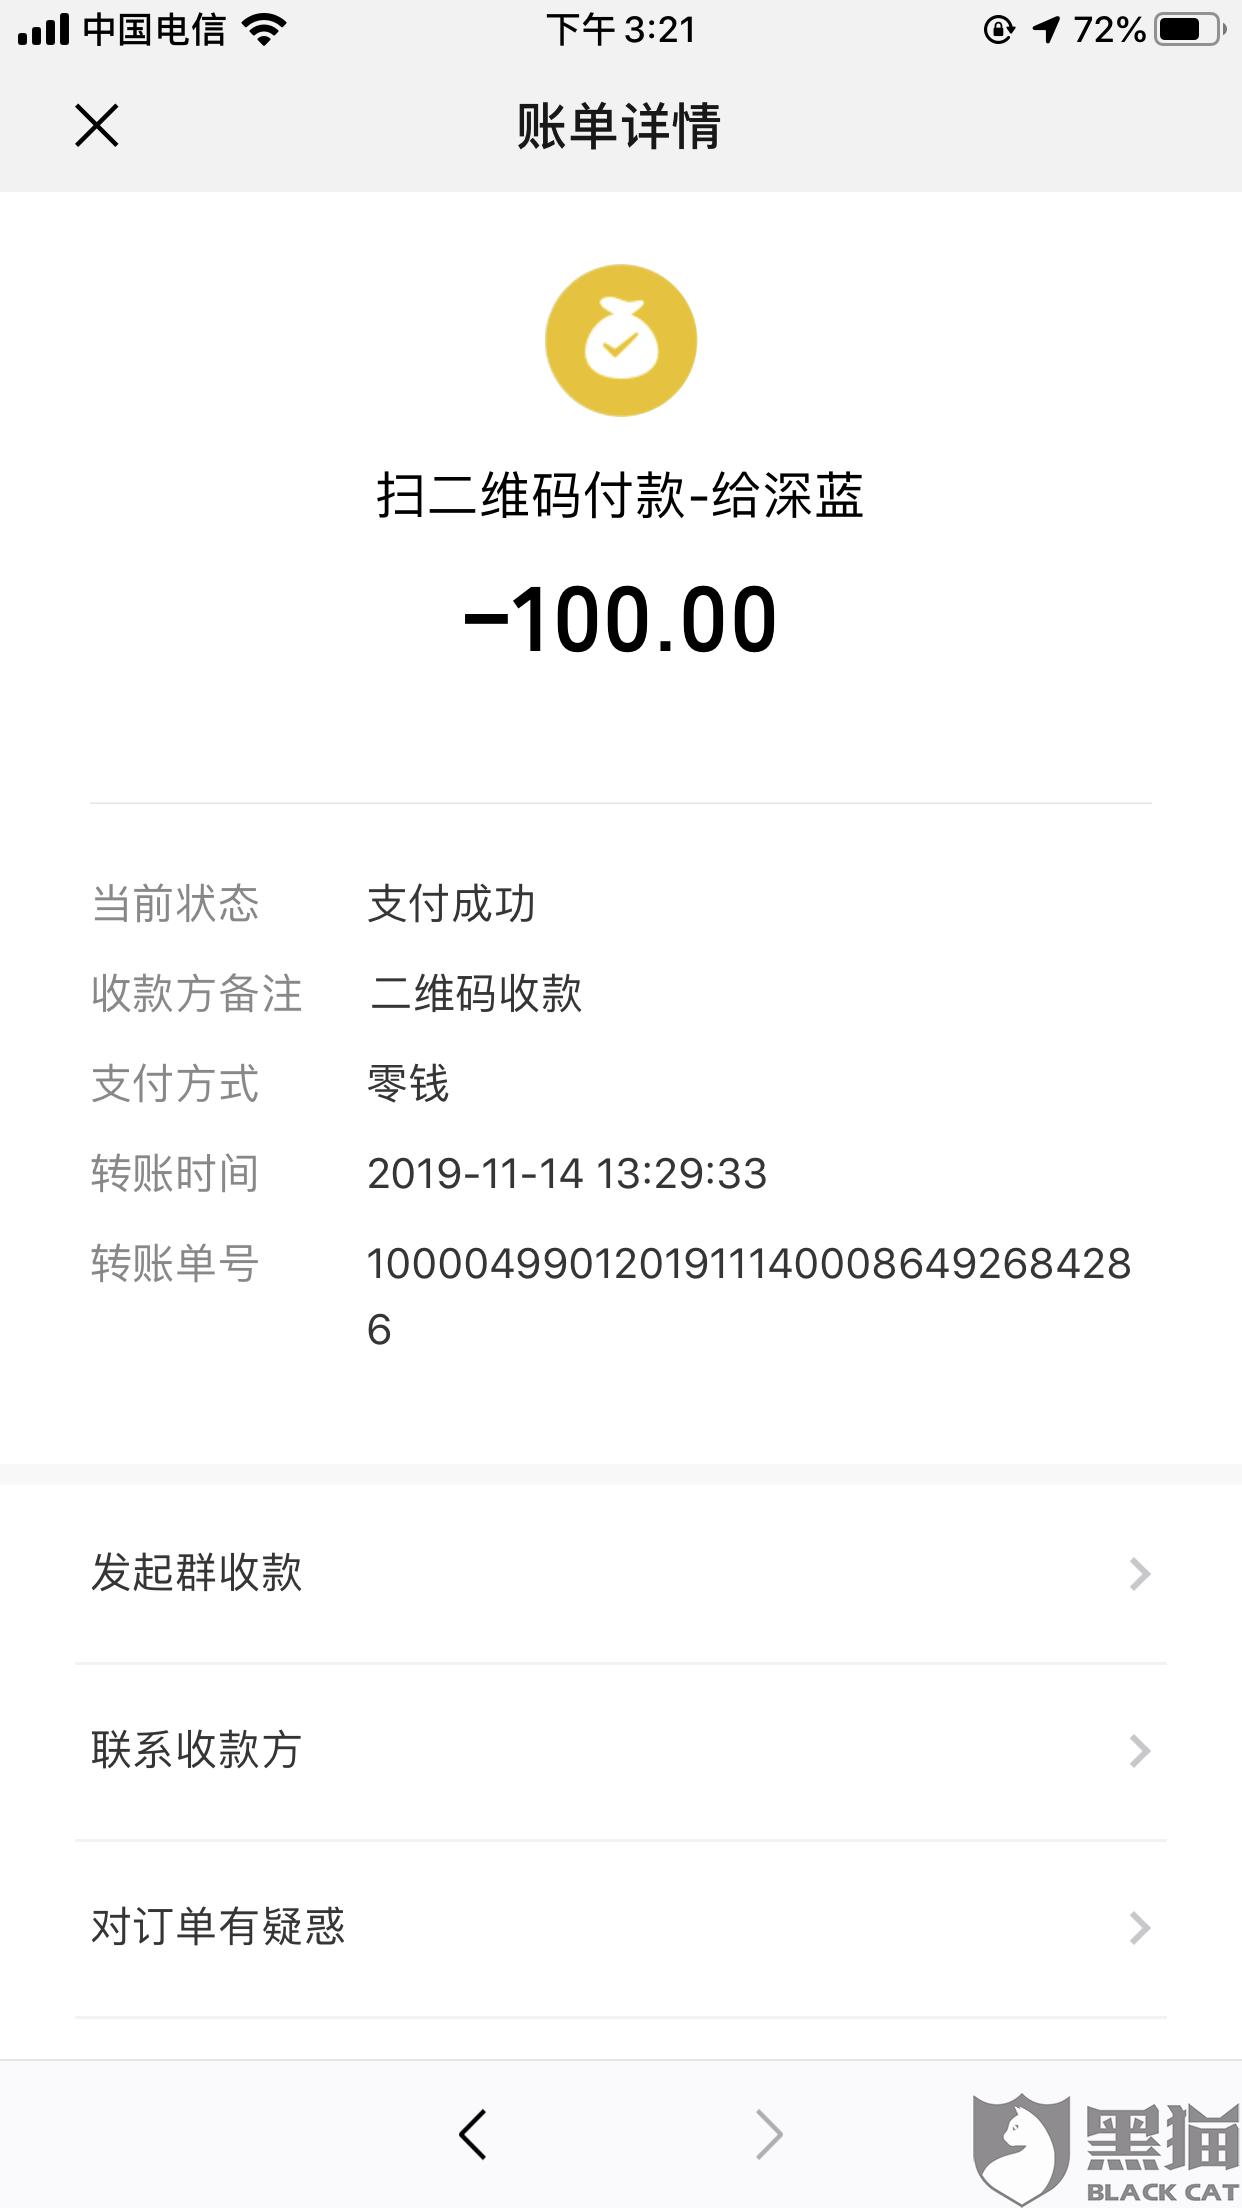 黑猫投诉:拉卡拉pos机线下代理骗取100元押金不予退还